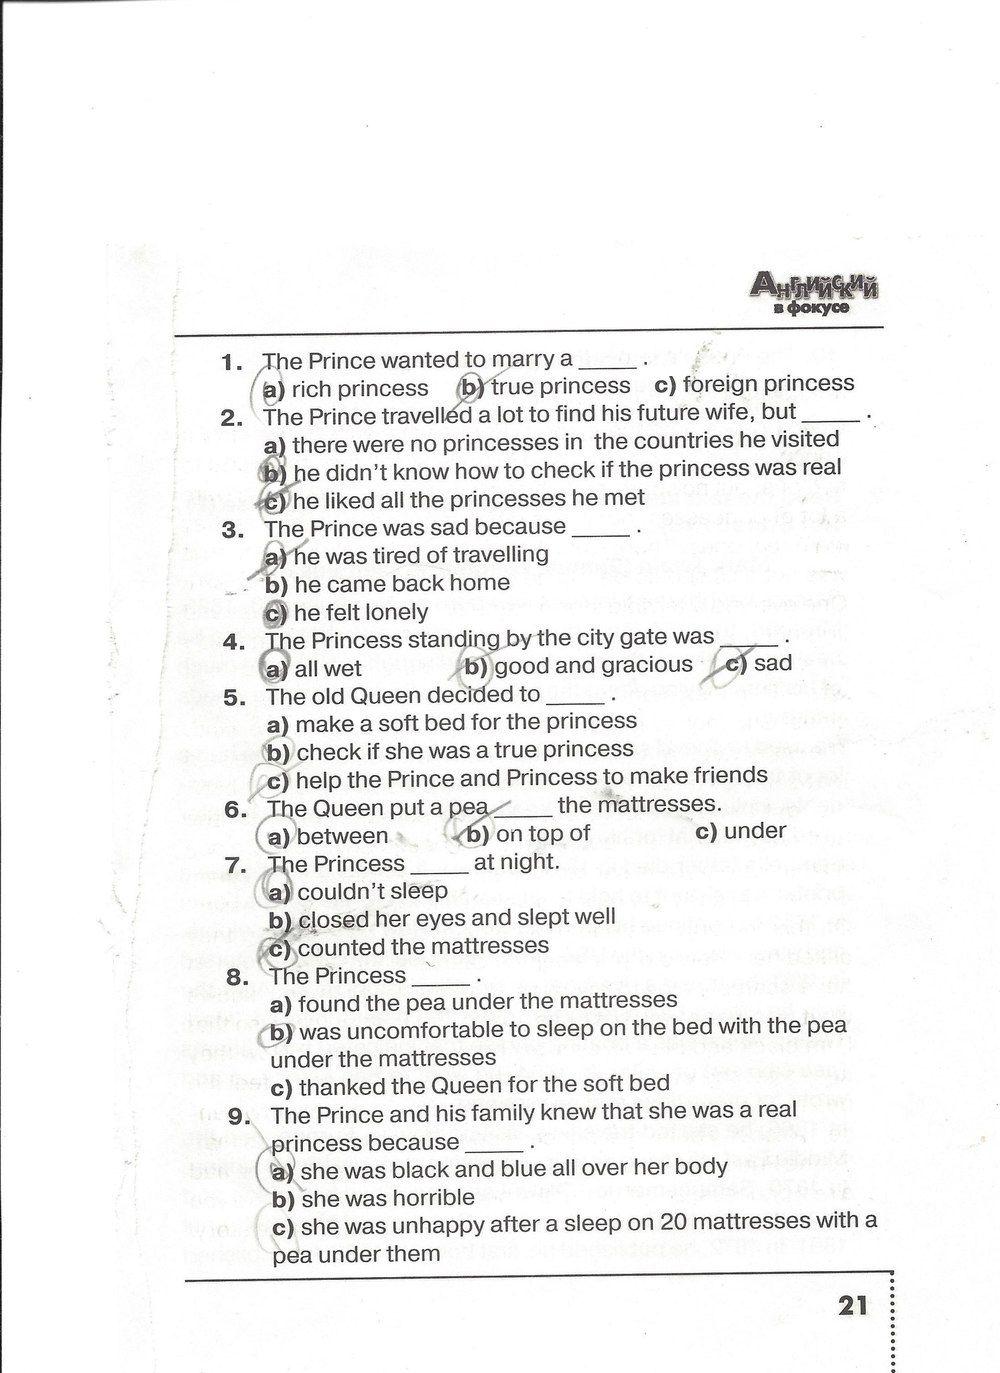 Готовые домашние задания по английскому языку 7 класс в рабочая тетрадь ваулина